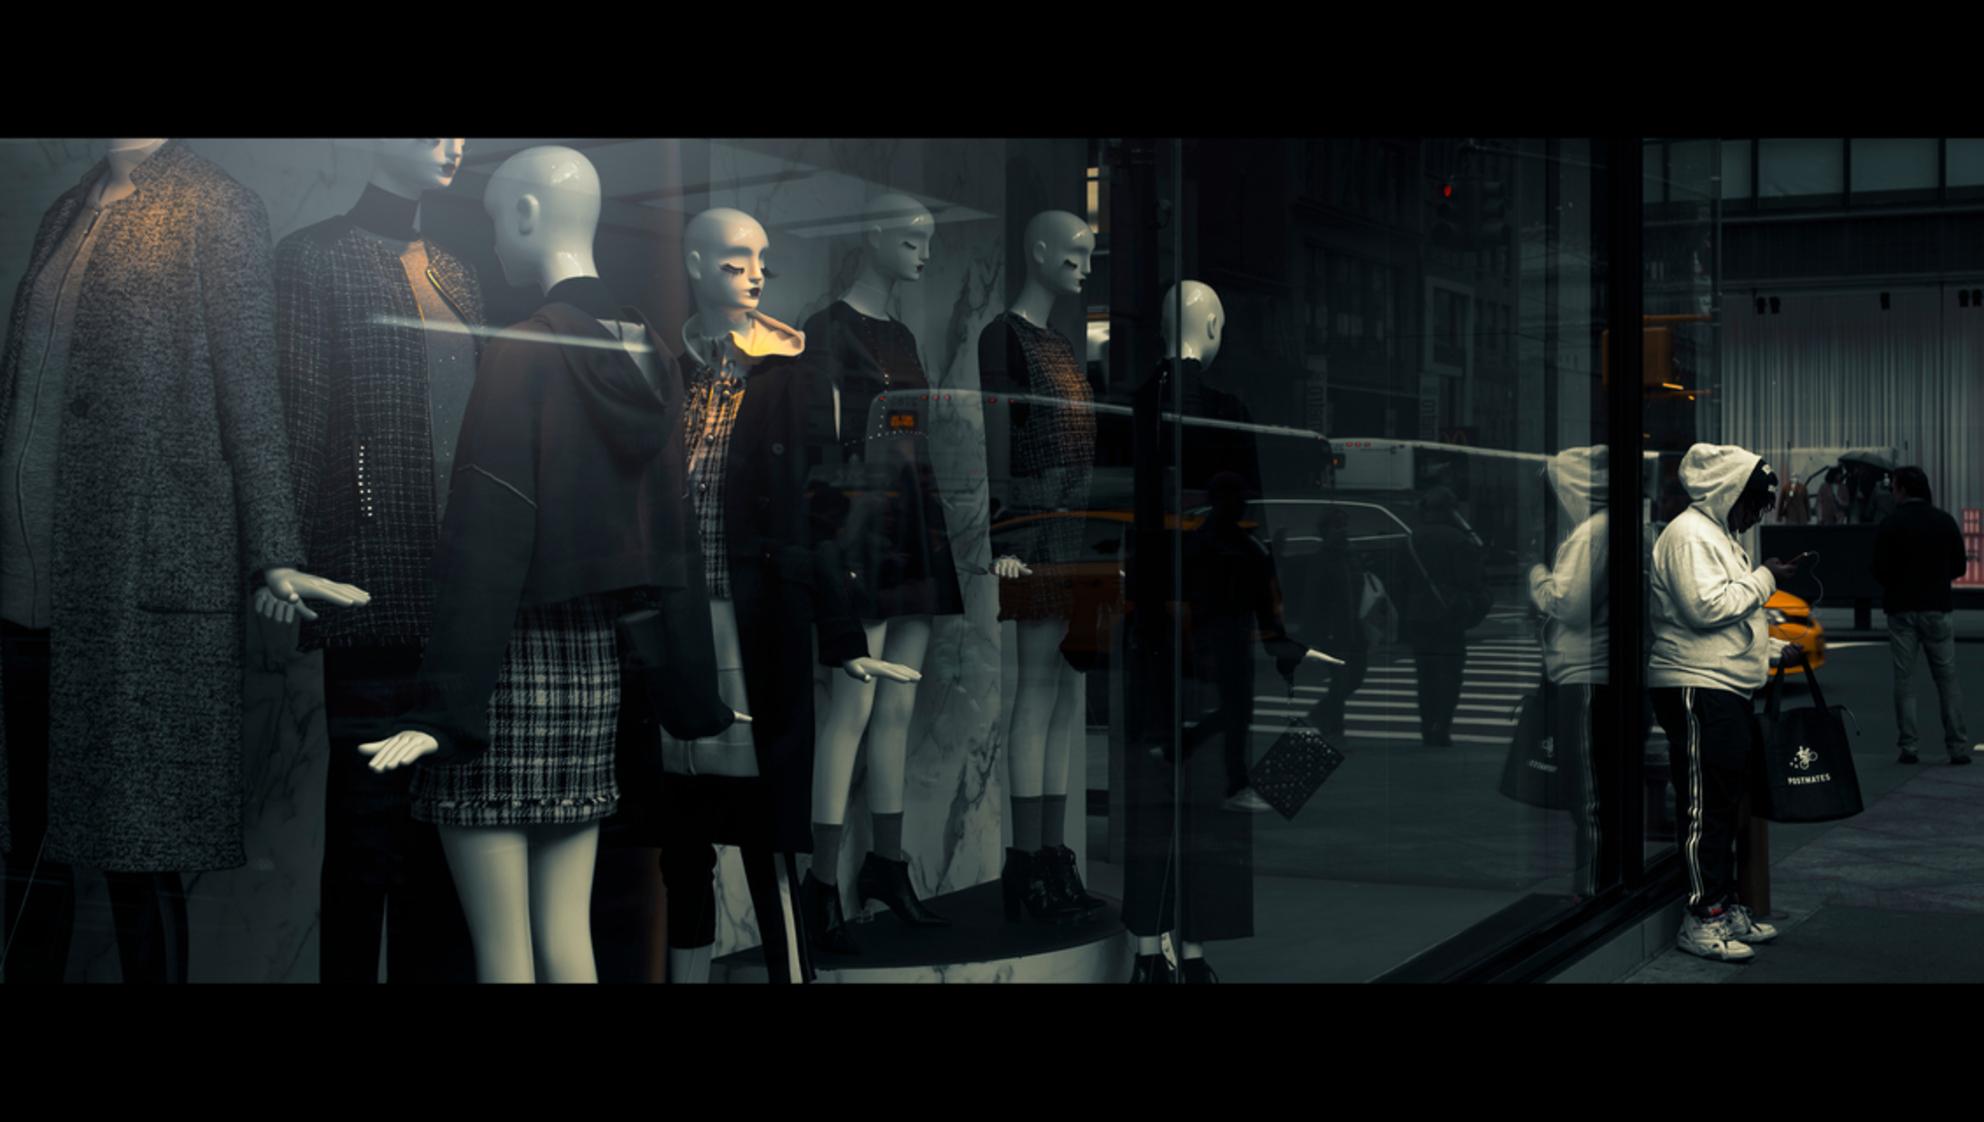 Black & White - [view full screen in a dark setting] - foto door CHRIZ op 27-03-2020 - deze foto bevat: vrouw, mensen, straat, licht, spiegeling, reflectie, stad, nyc, film, manhattan, straatfotografie, 35mm, New York, cinematic, cinematic street, cinestill - Deze foto mag gebruikt worden in een Zoom.nl publicatie